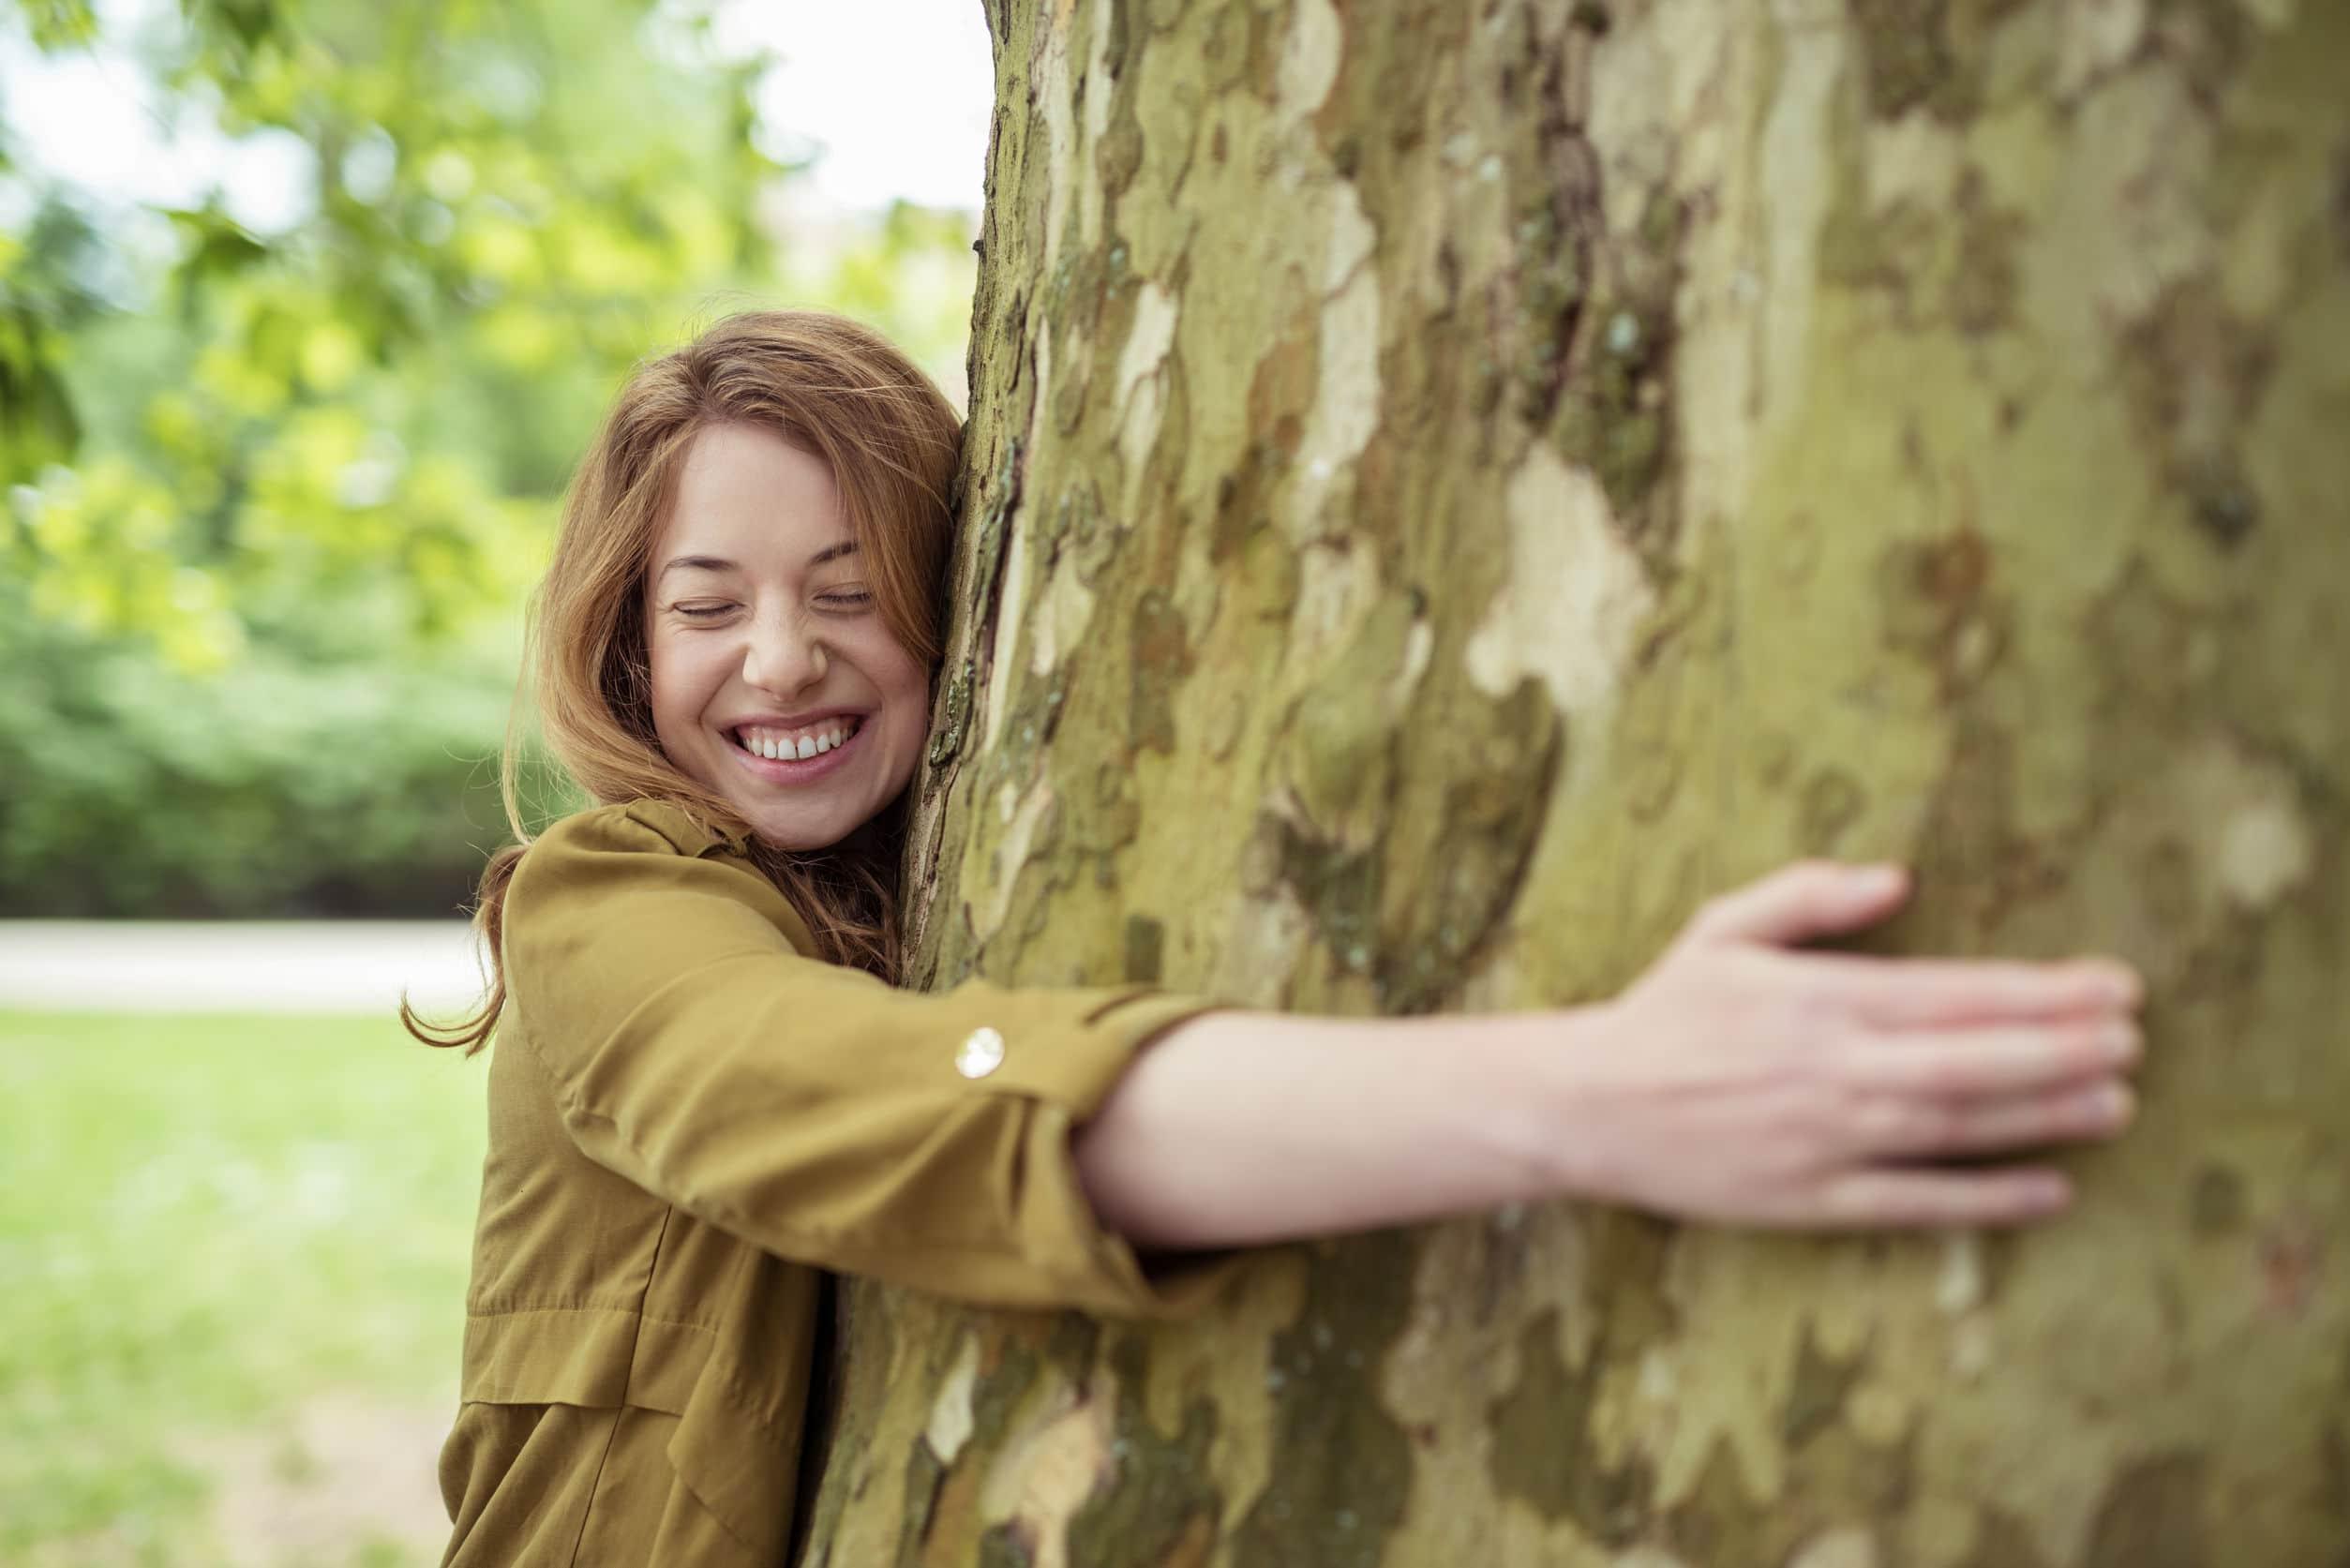 Mulher abraçando árvore.